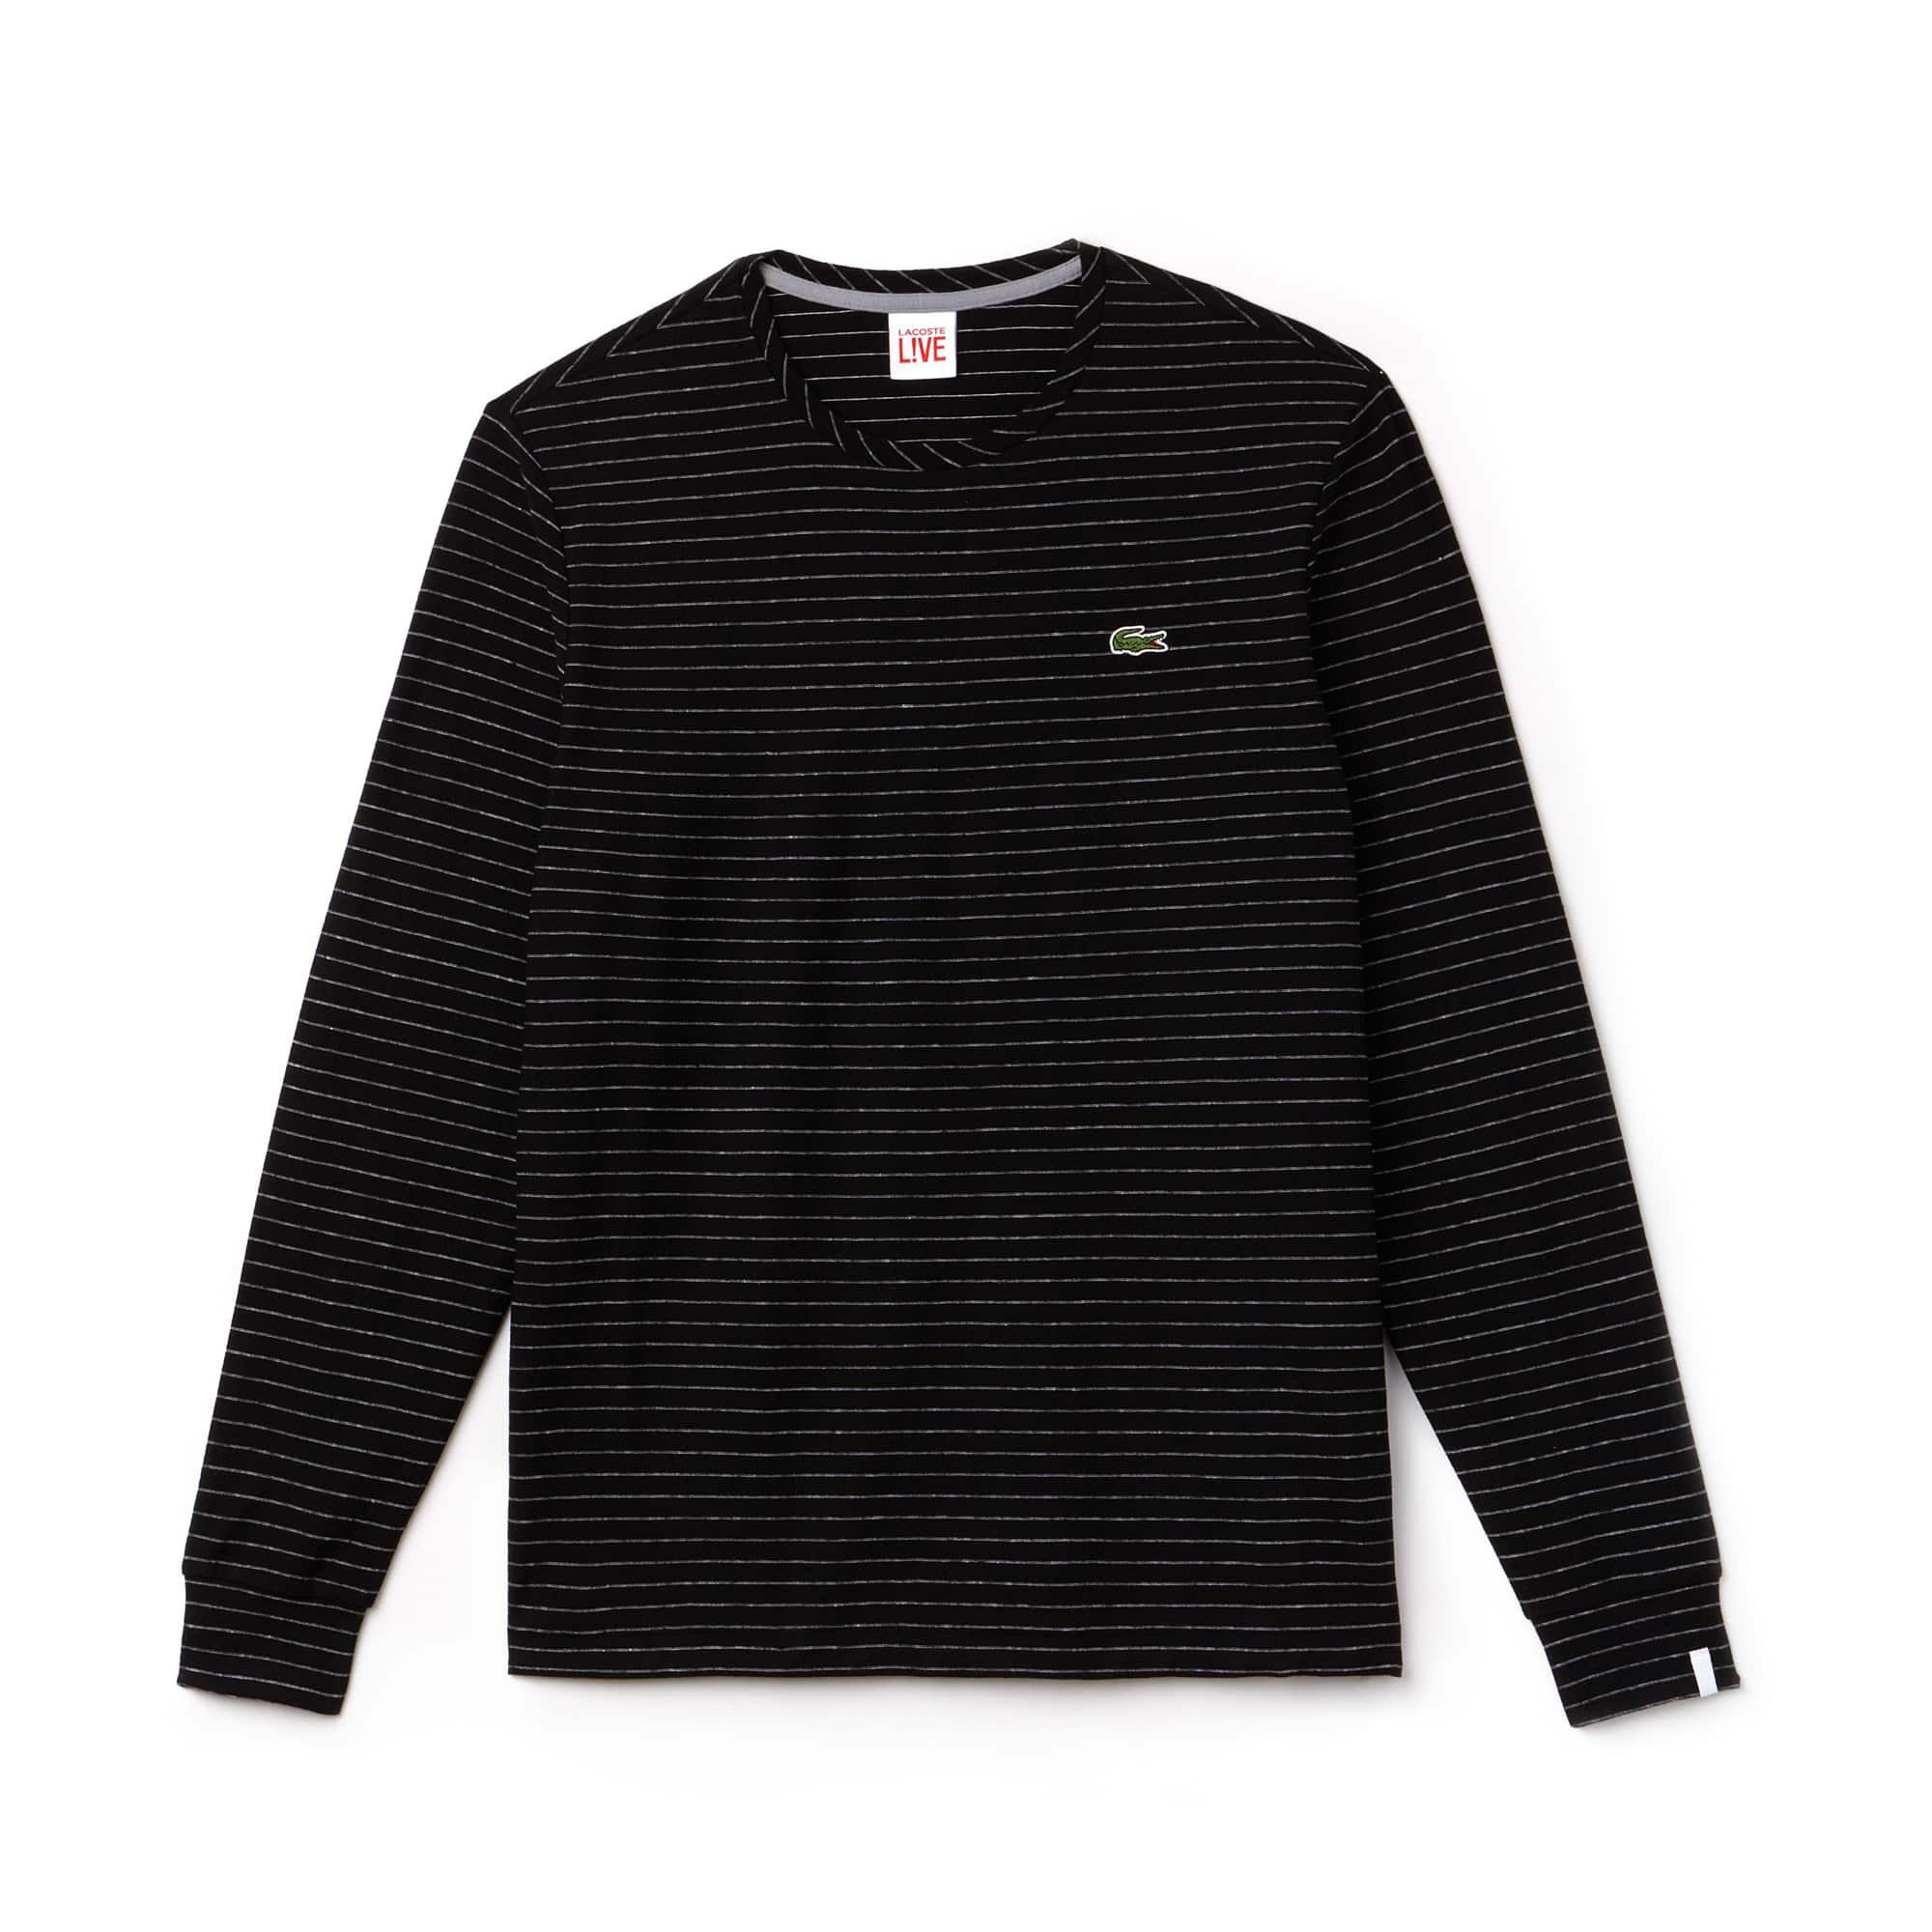 T-shirt a maniche lunghe Lacoste LIVE in jersey di cotone e lino a righe